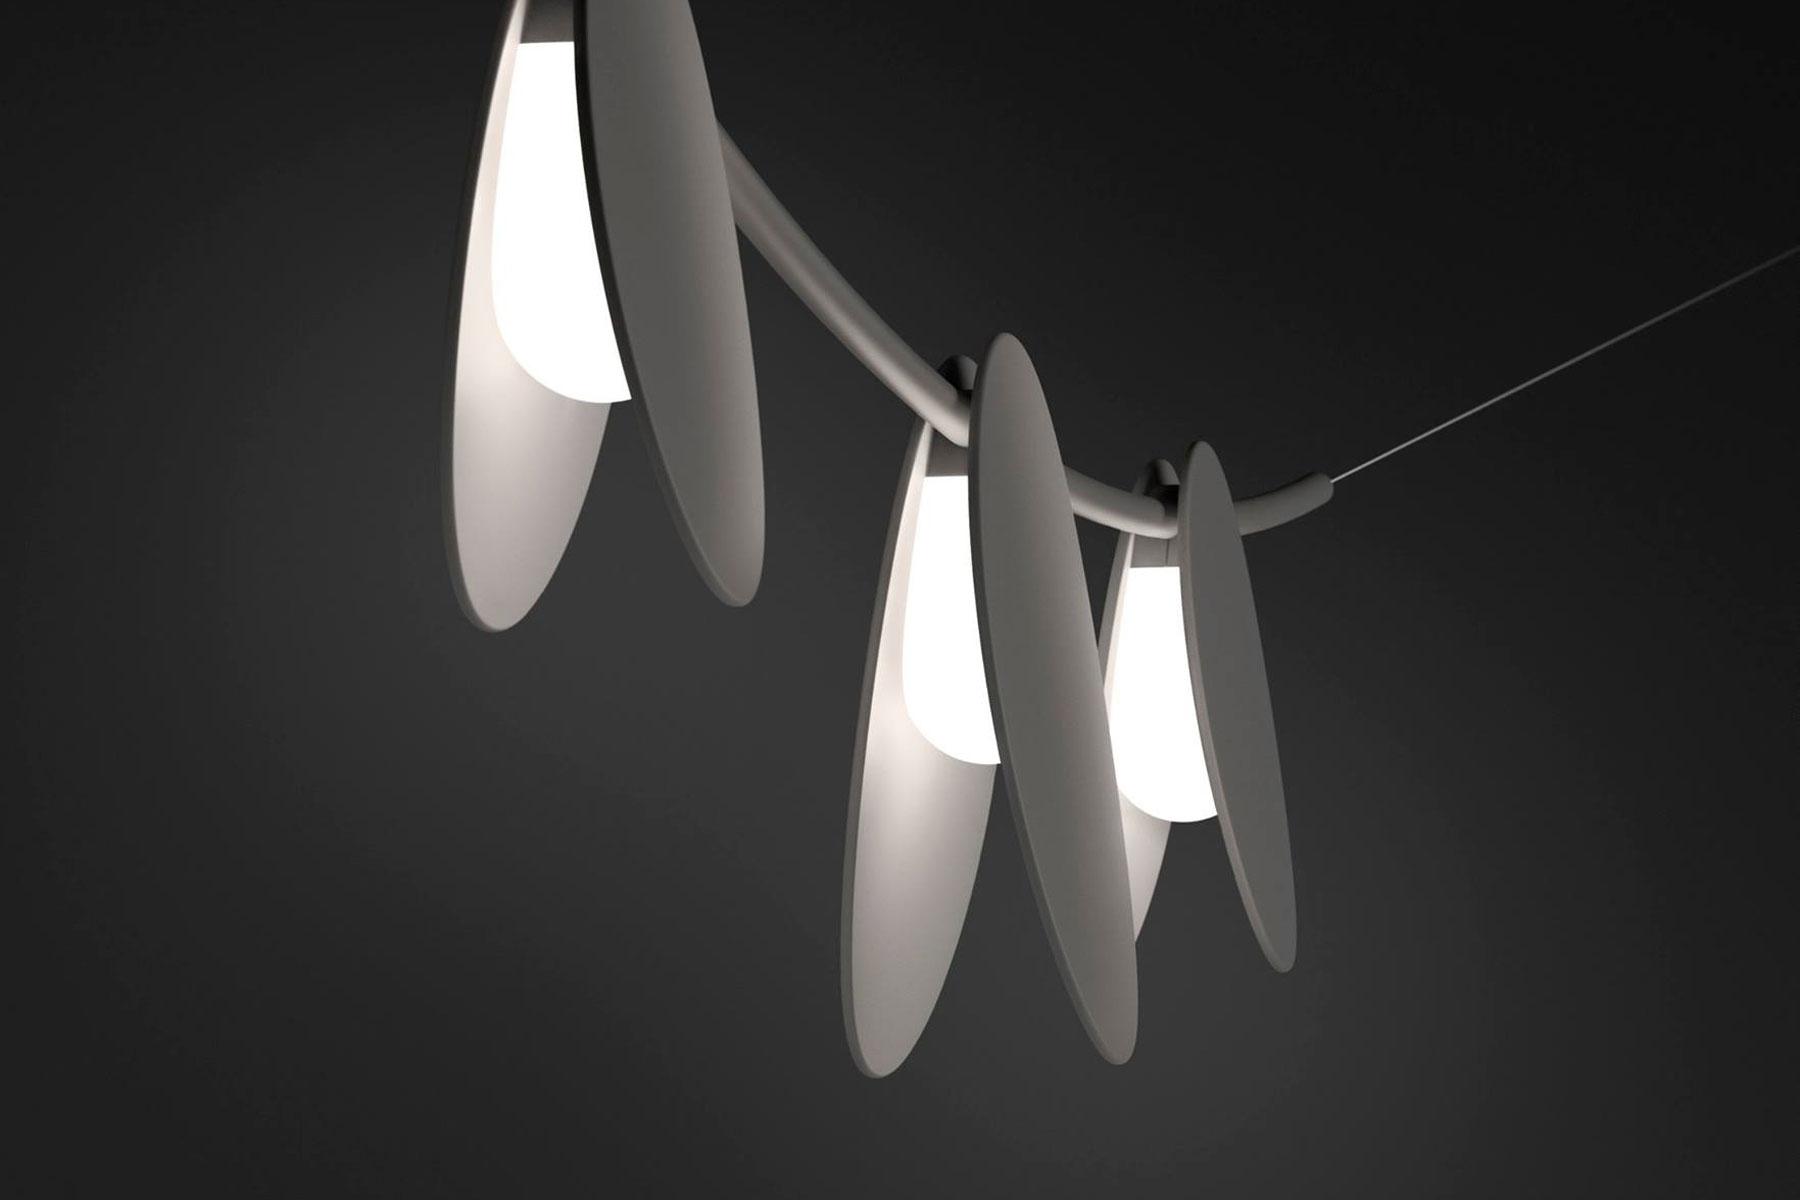 june den au enbereich erleben bernd nagel licht und form. Black Bedroom Furniture Sets. Home Design Ideas